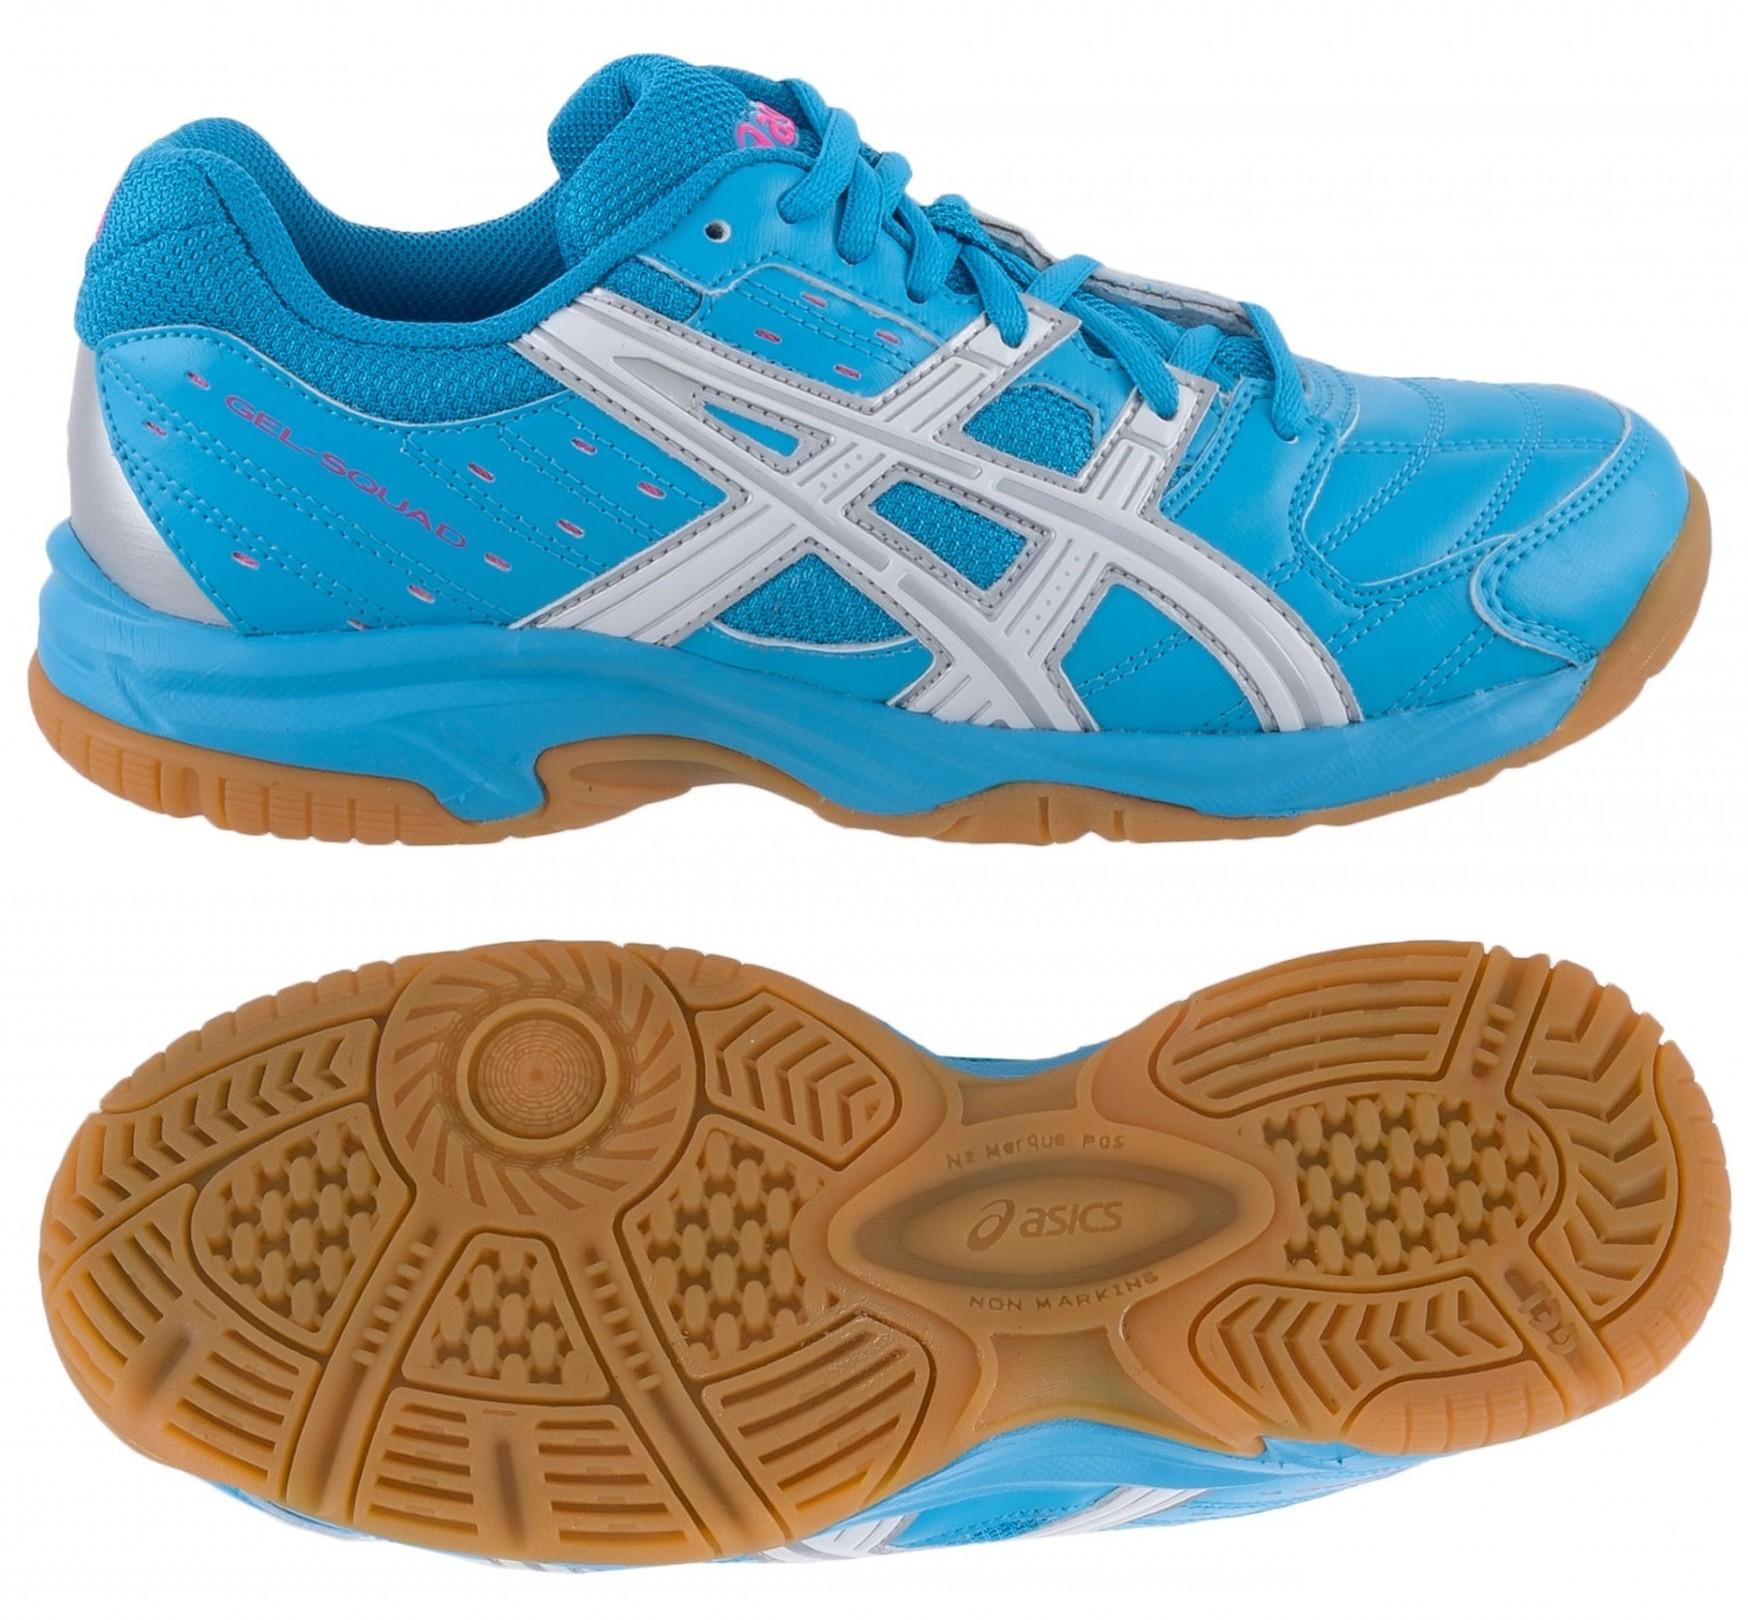 cdf0e80b7e2 Dívčí sálová - halová obuv Asics Gel Squad GS C336Y-4001 modré